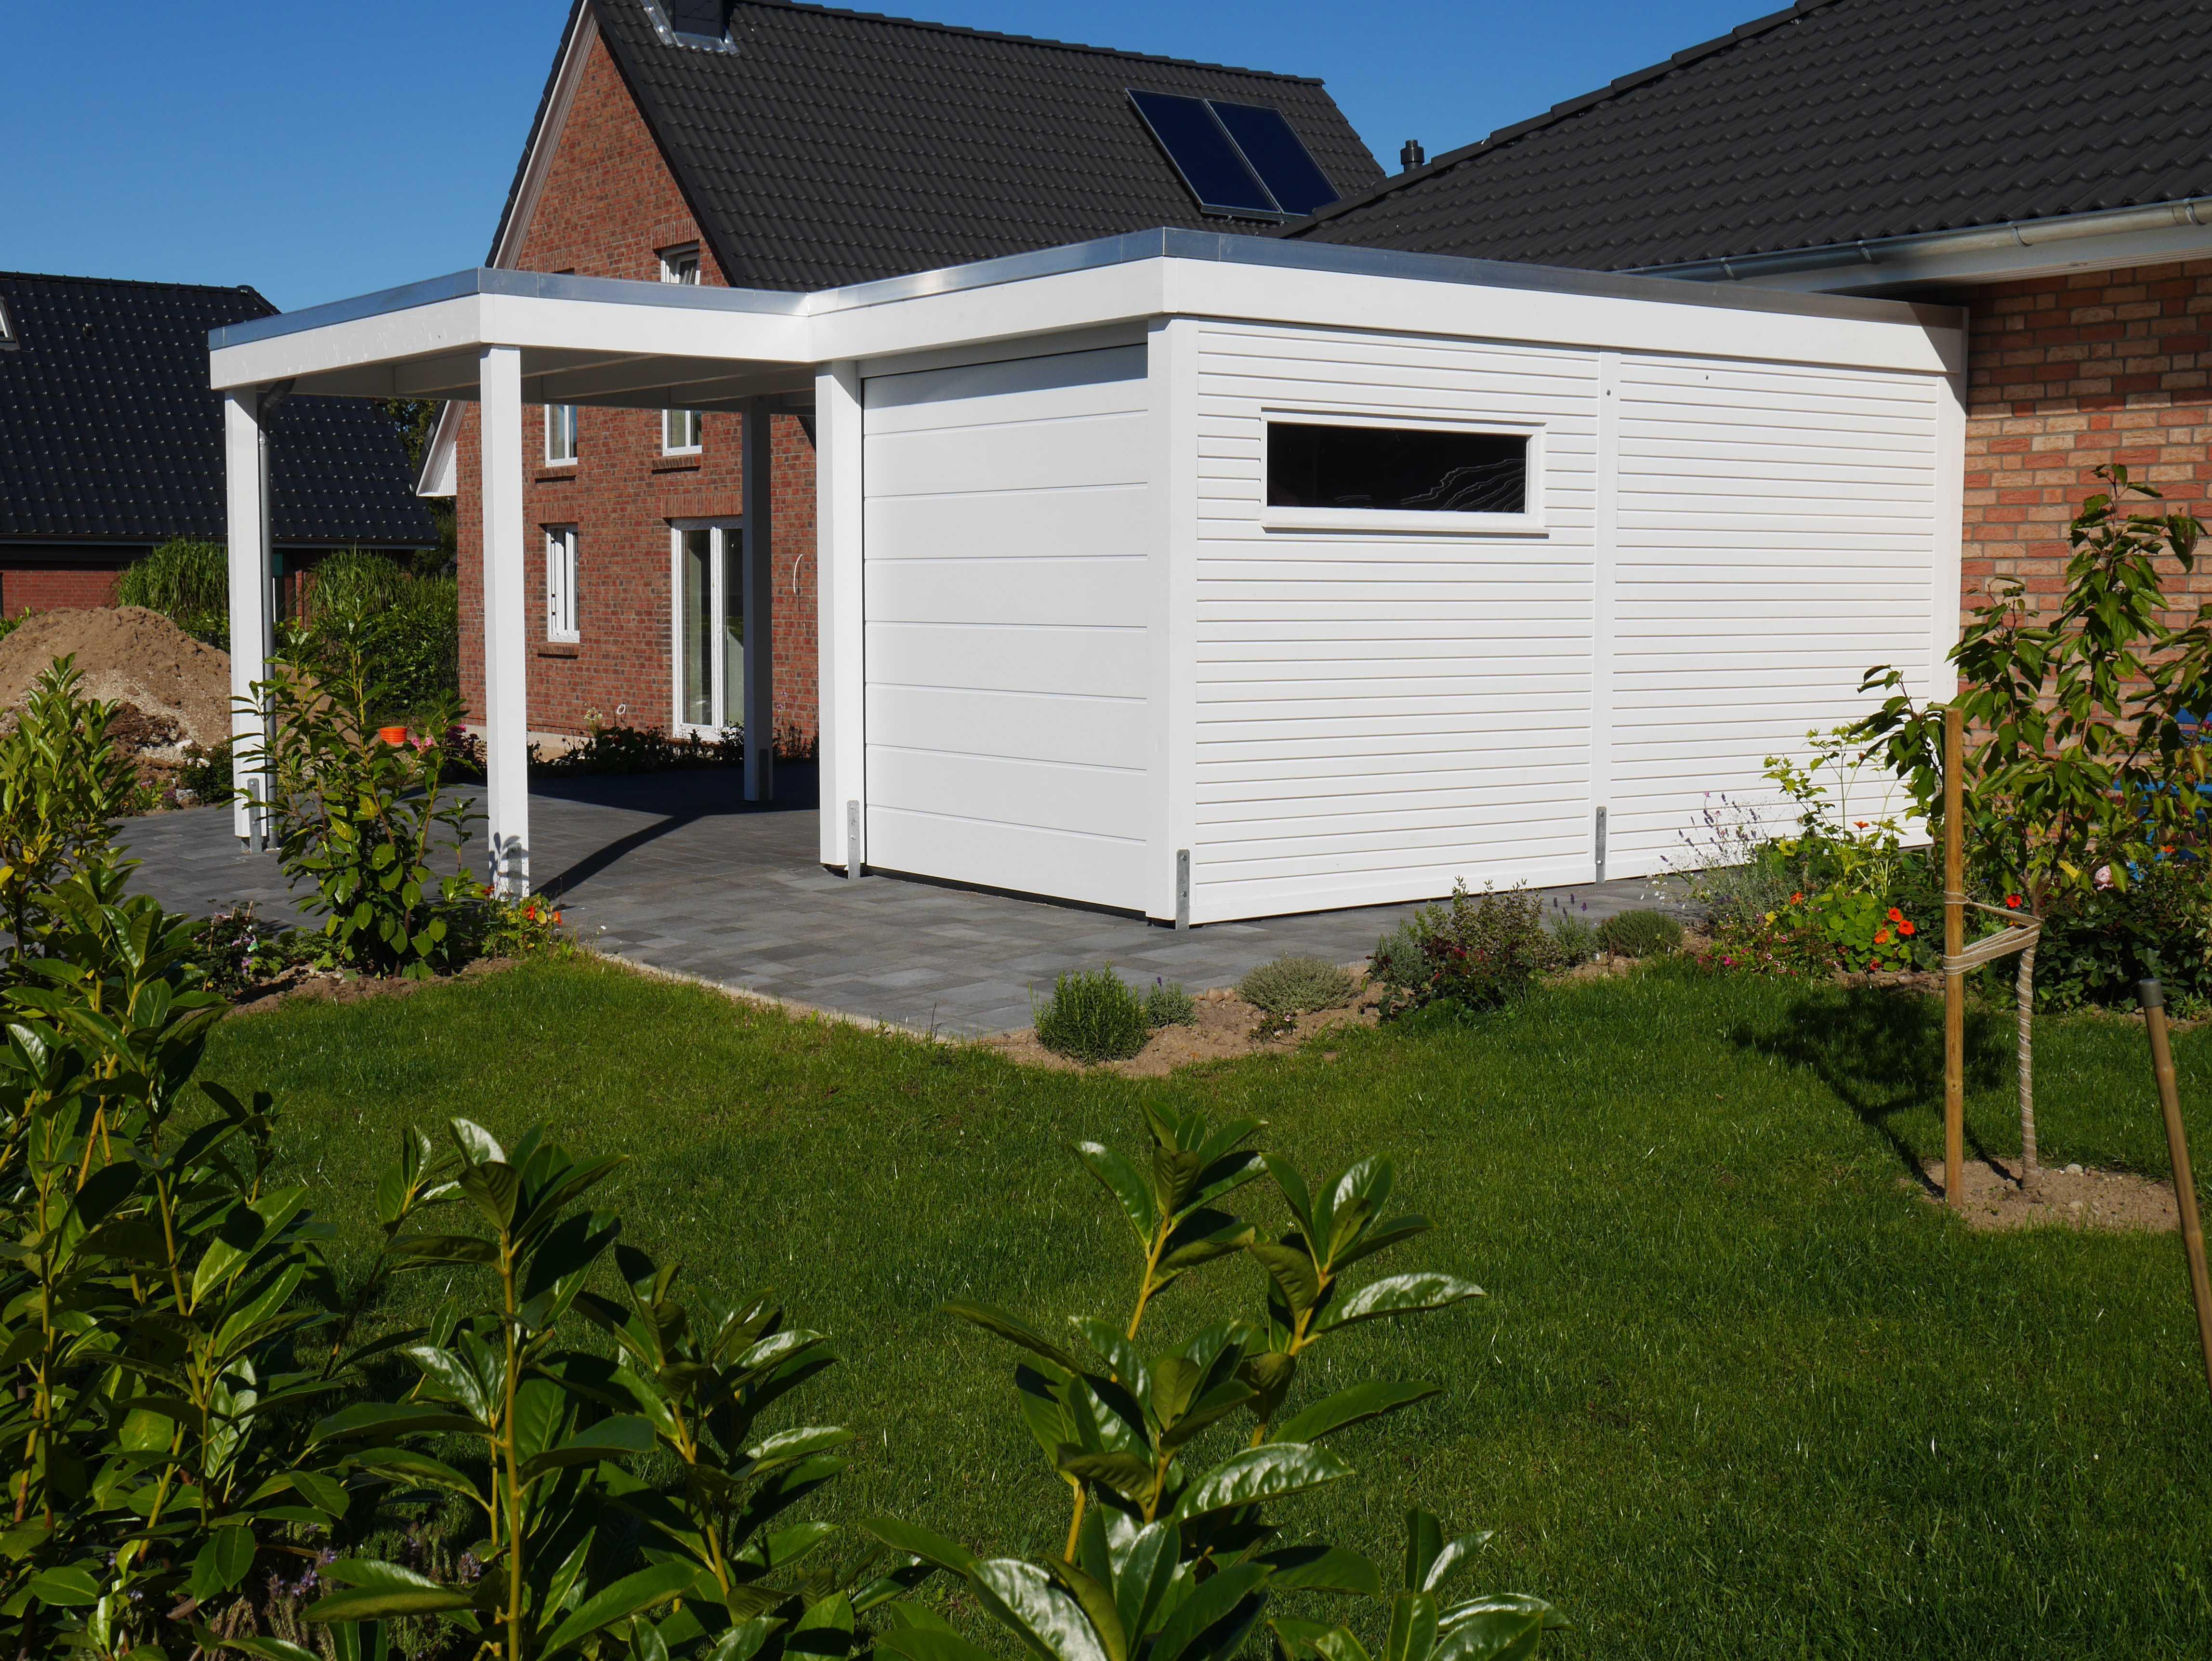 Architektencarport mit Abstellraum Garag